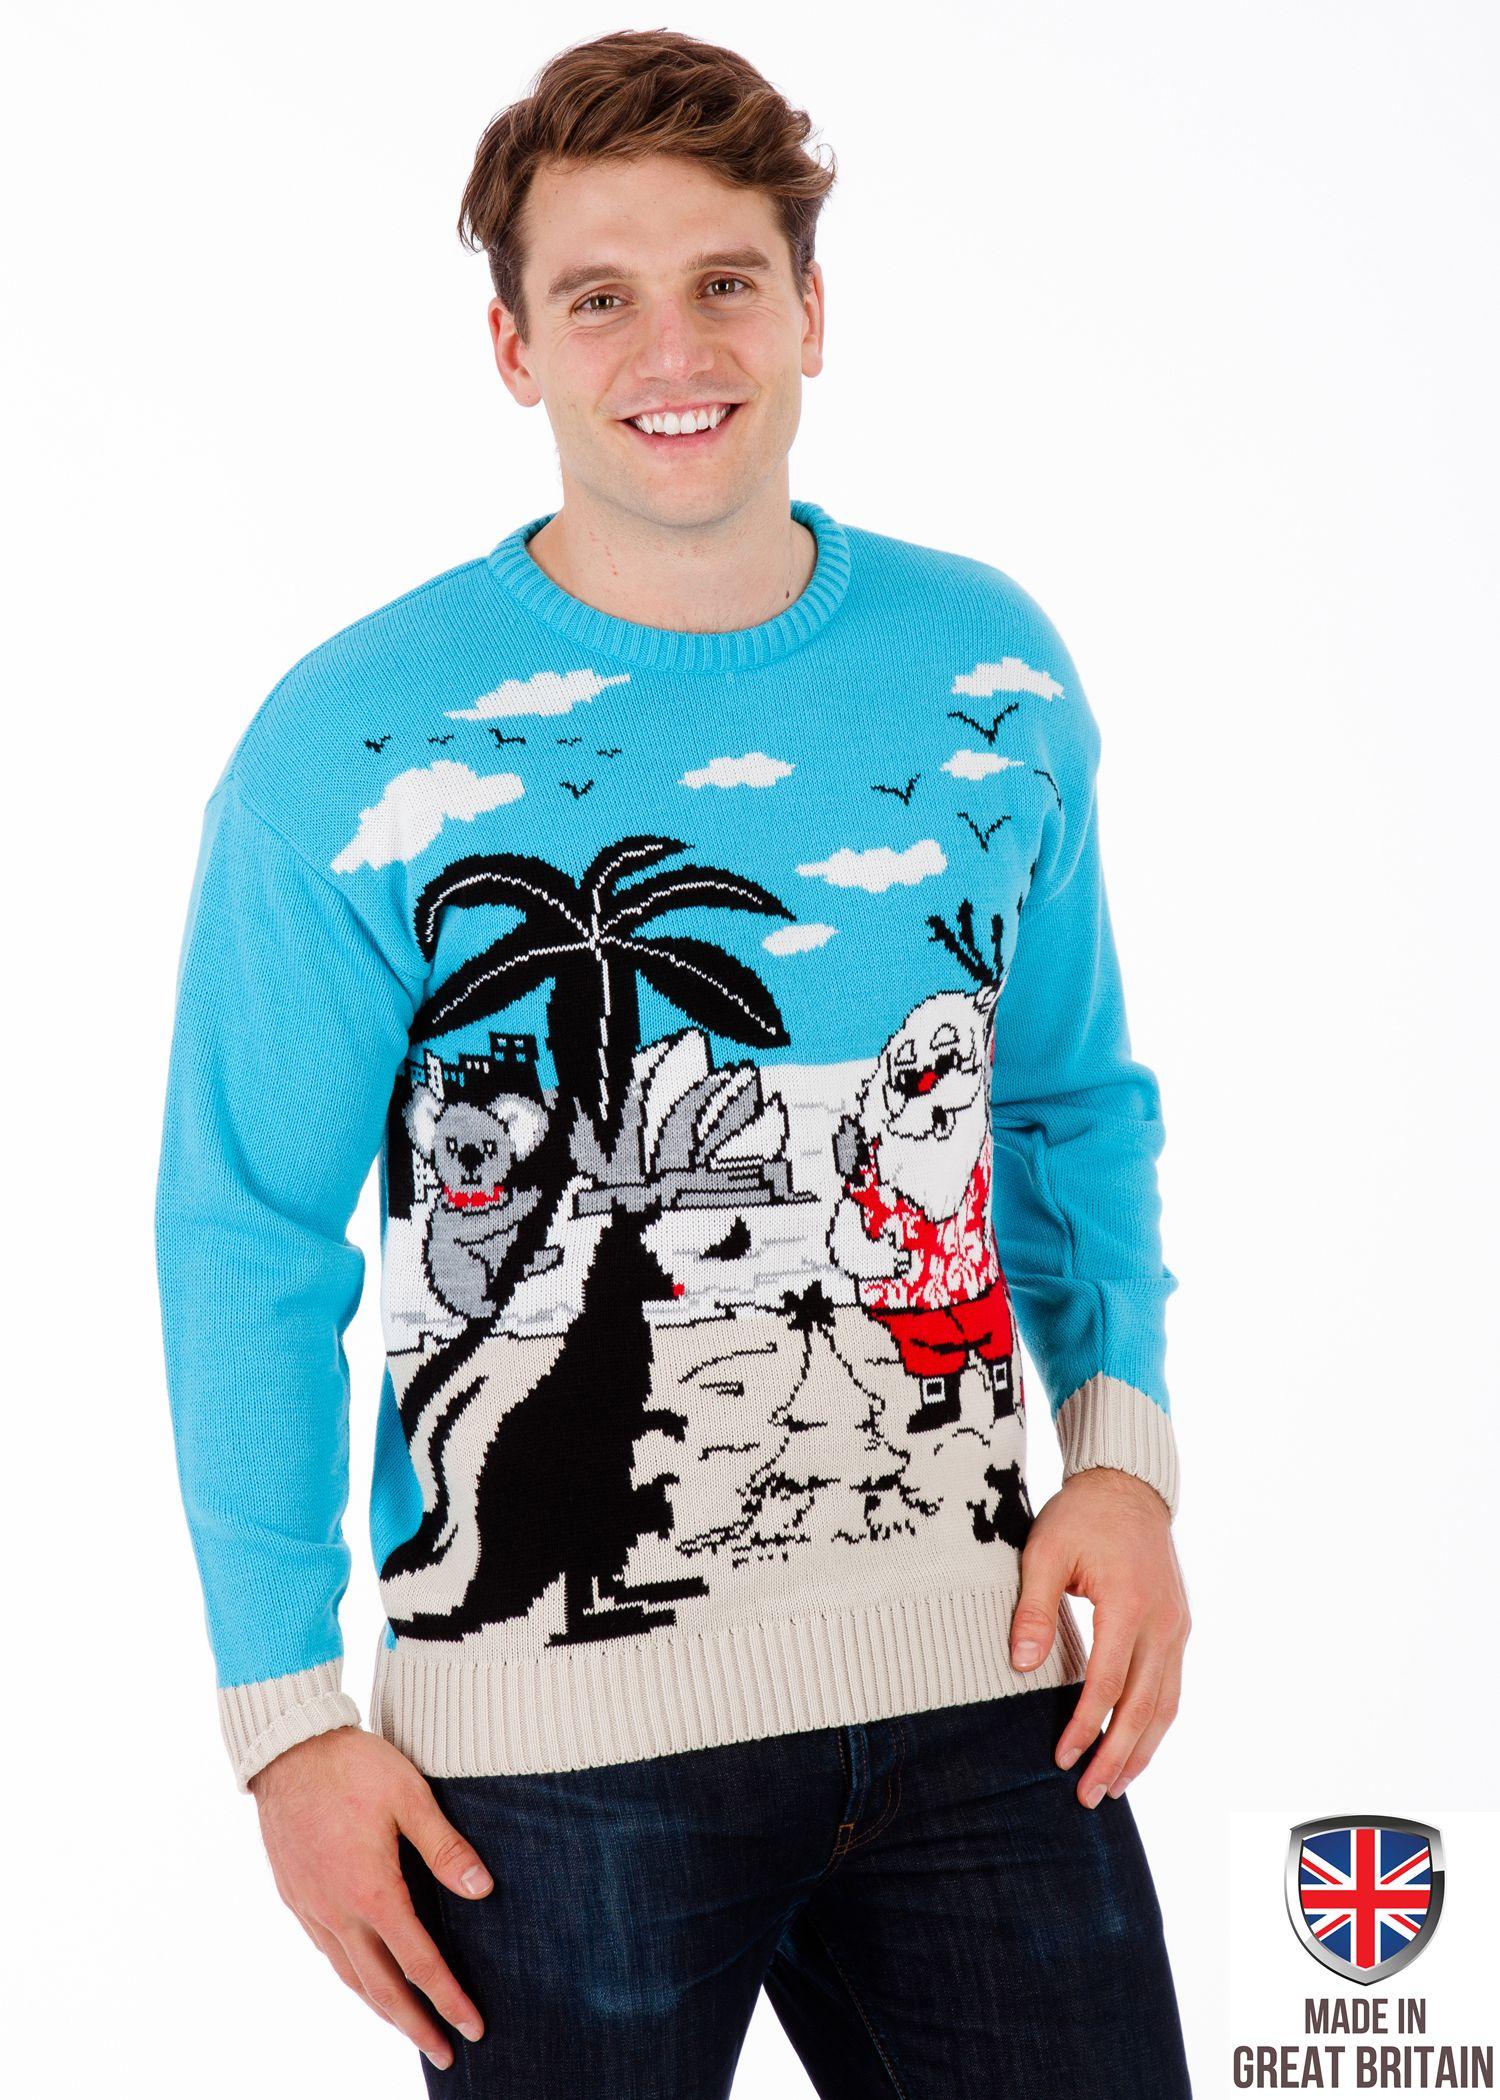 'Christmas in Australia' Christmas sweater men